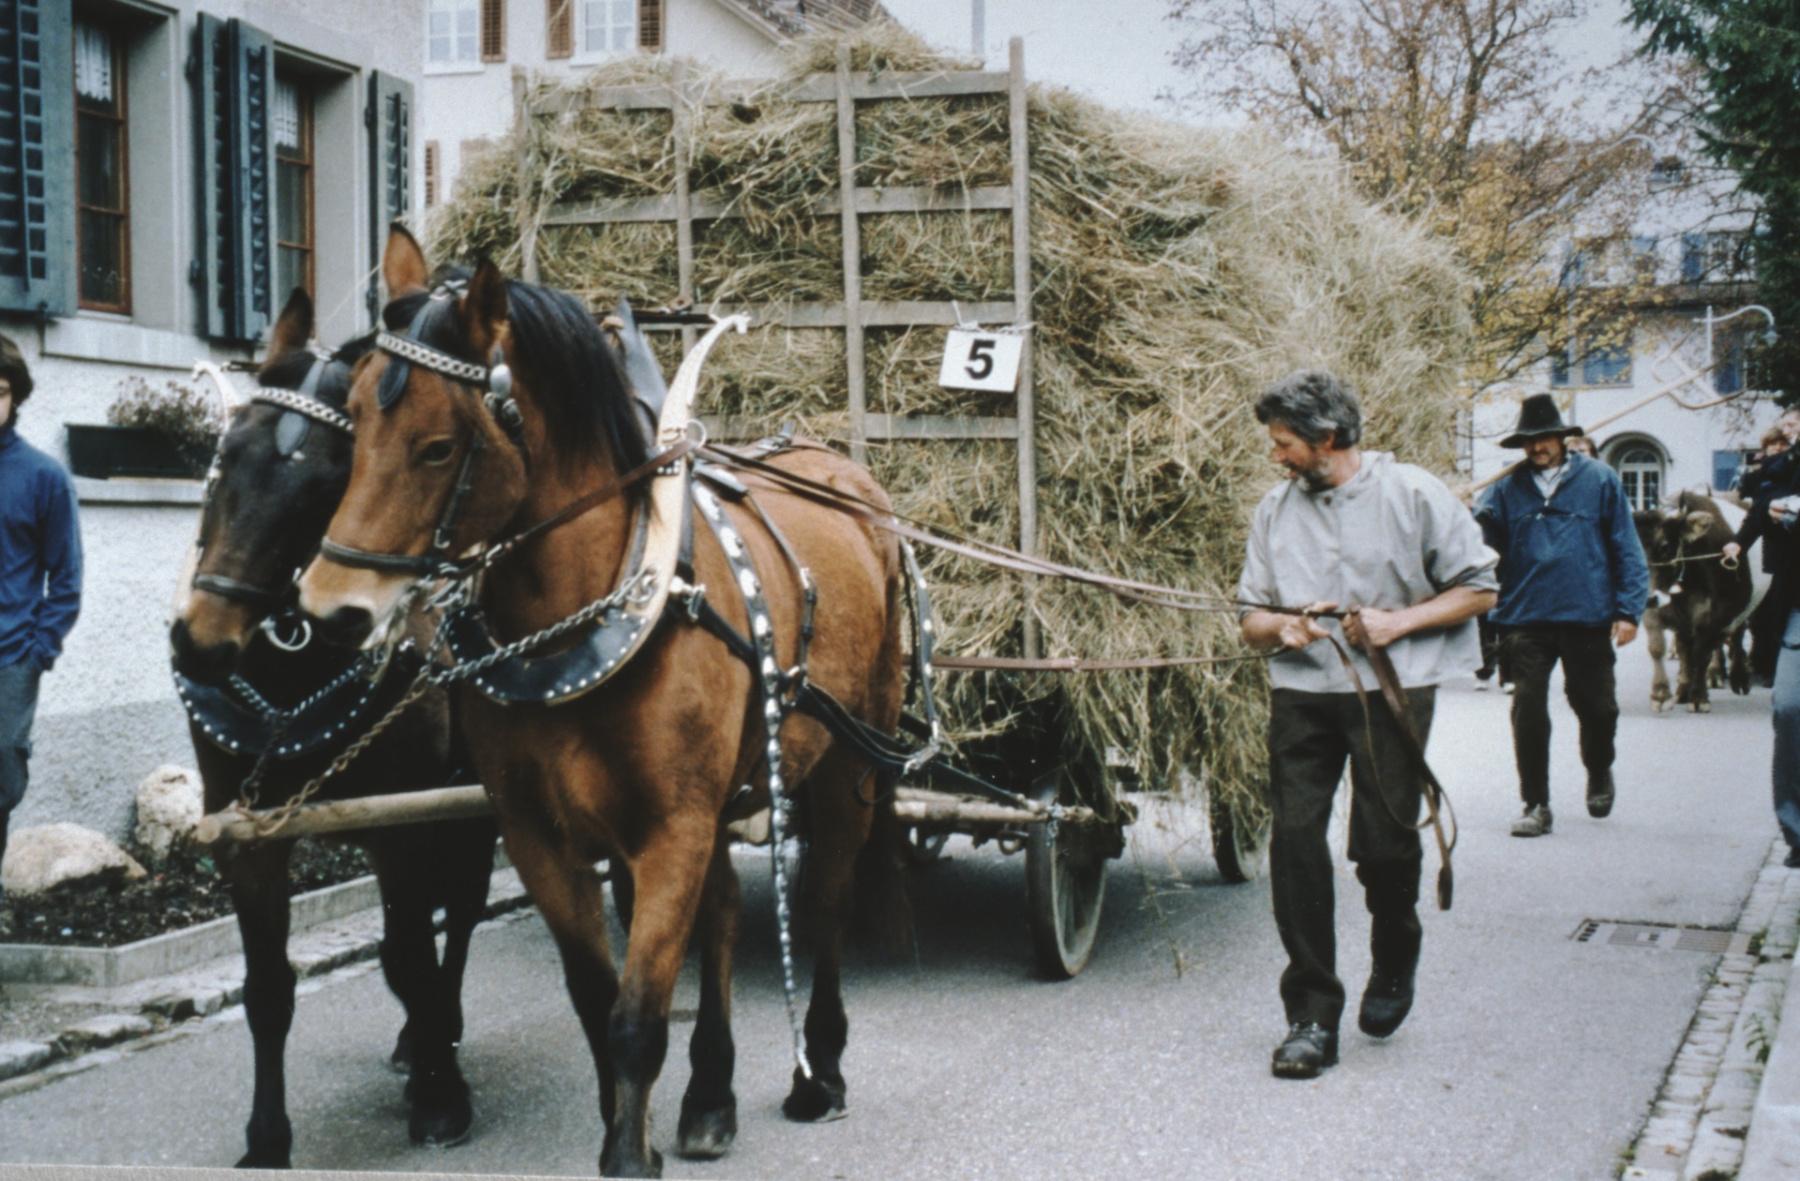 Umzug 100 Jahre Viehzuchtgenossenschaft, Heufuder